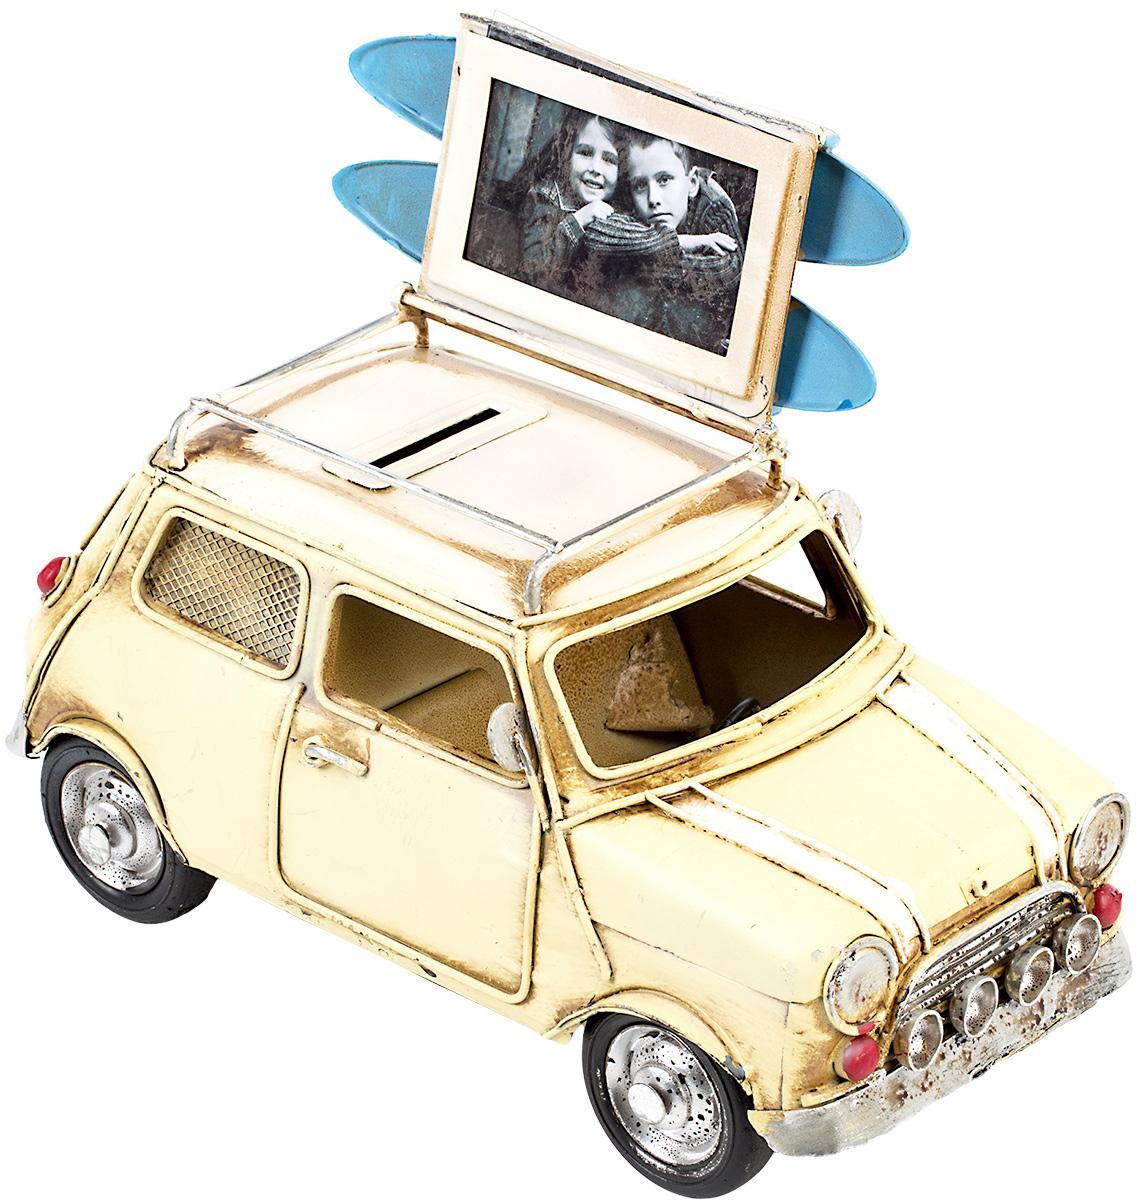 Модель Platinum Автомобиль, с фоторамкой и копилкой. 1404E-43411404E-4341Модель Platinum Автомобиль, выполненная из металла, станет оригинальным украшением интерьера. Вы можете поставить модель ретро-автомобиля в любом месте, где она будет удачно смотреться.Изделие дополнено копилкой и фоторамкой, куда вы можете вставить вашу любимую фотографию.Качество исполнения, точные детали и оригинальный дизайн выделяют эту модель среди ряда подобных. Модель займет достойное место в вашей коллекции, а также приятно удивит получателя в качестве стильного сувенира.